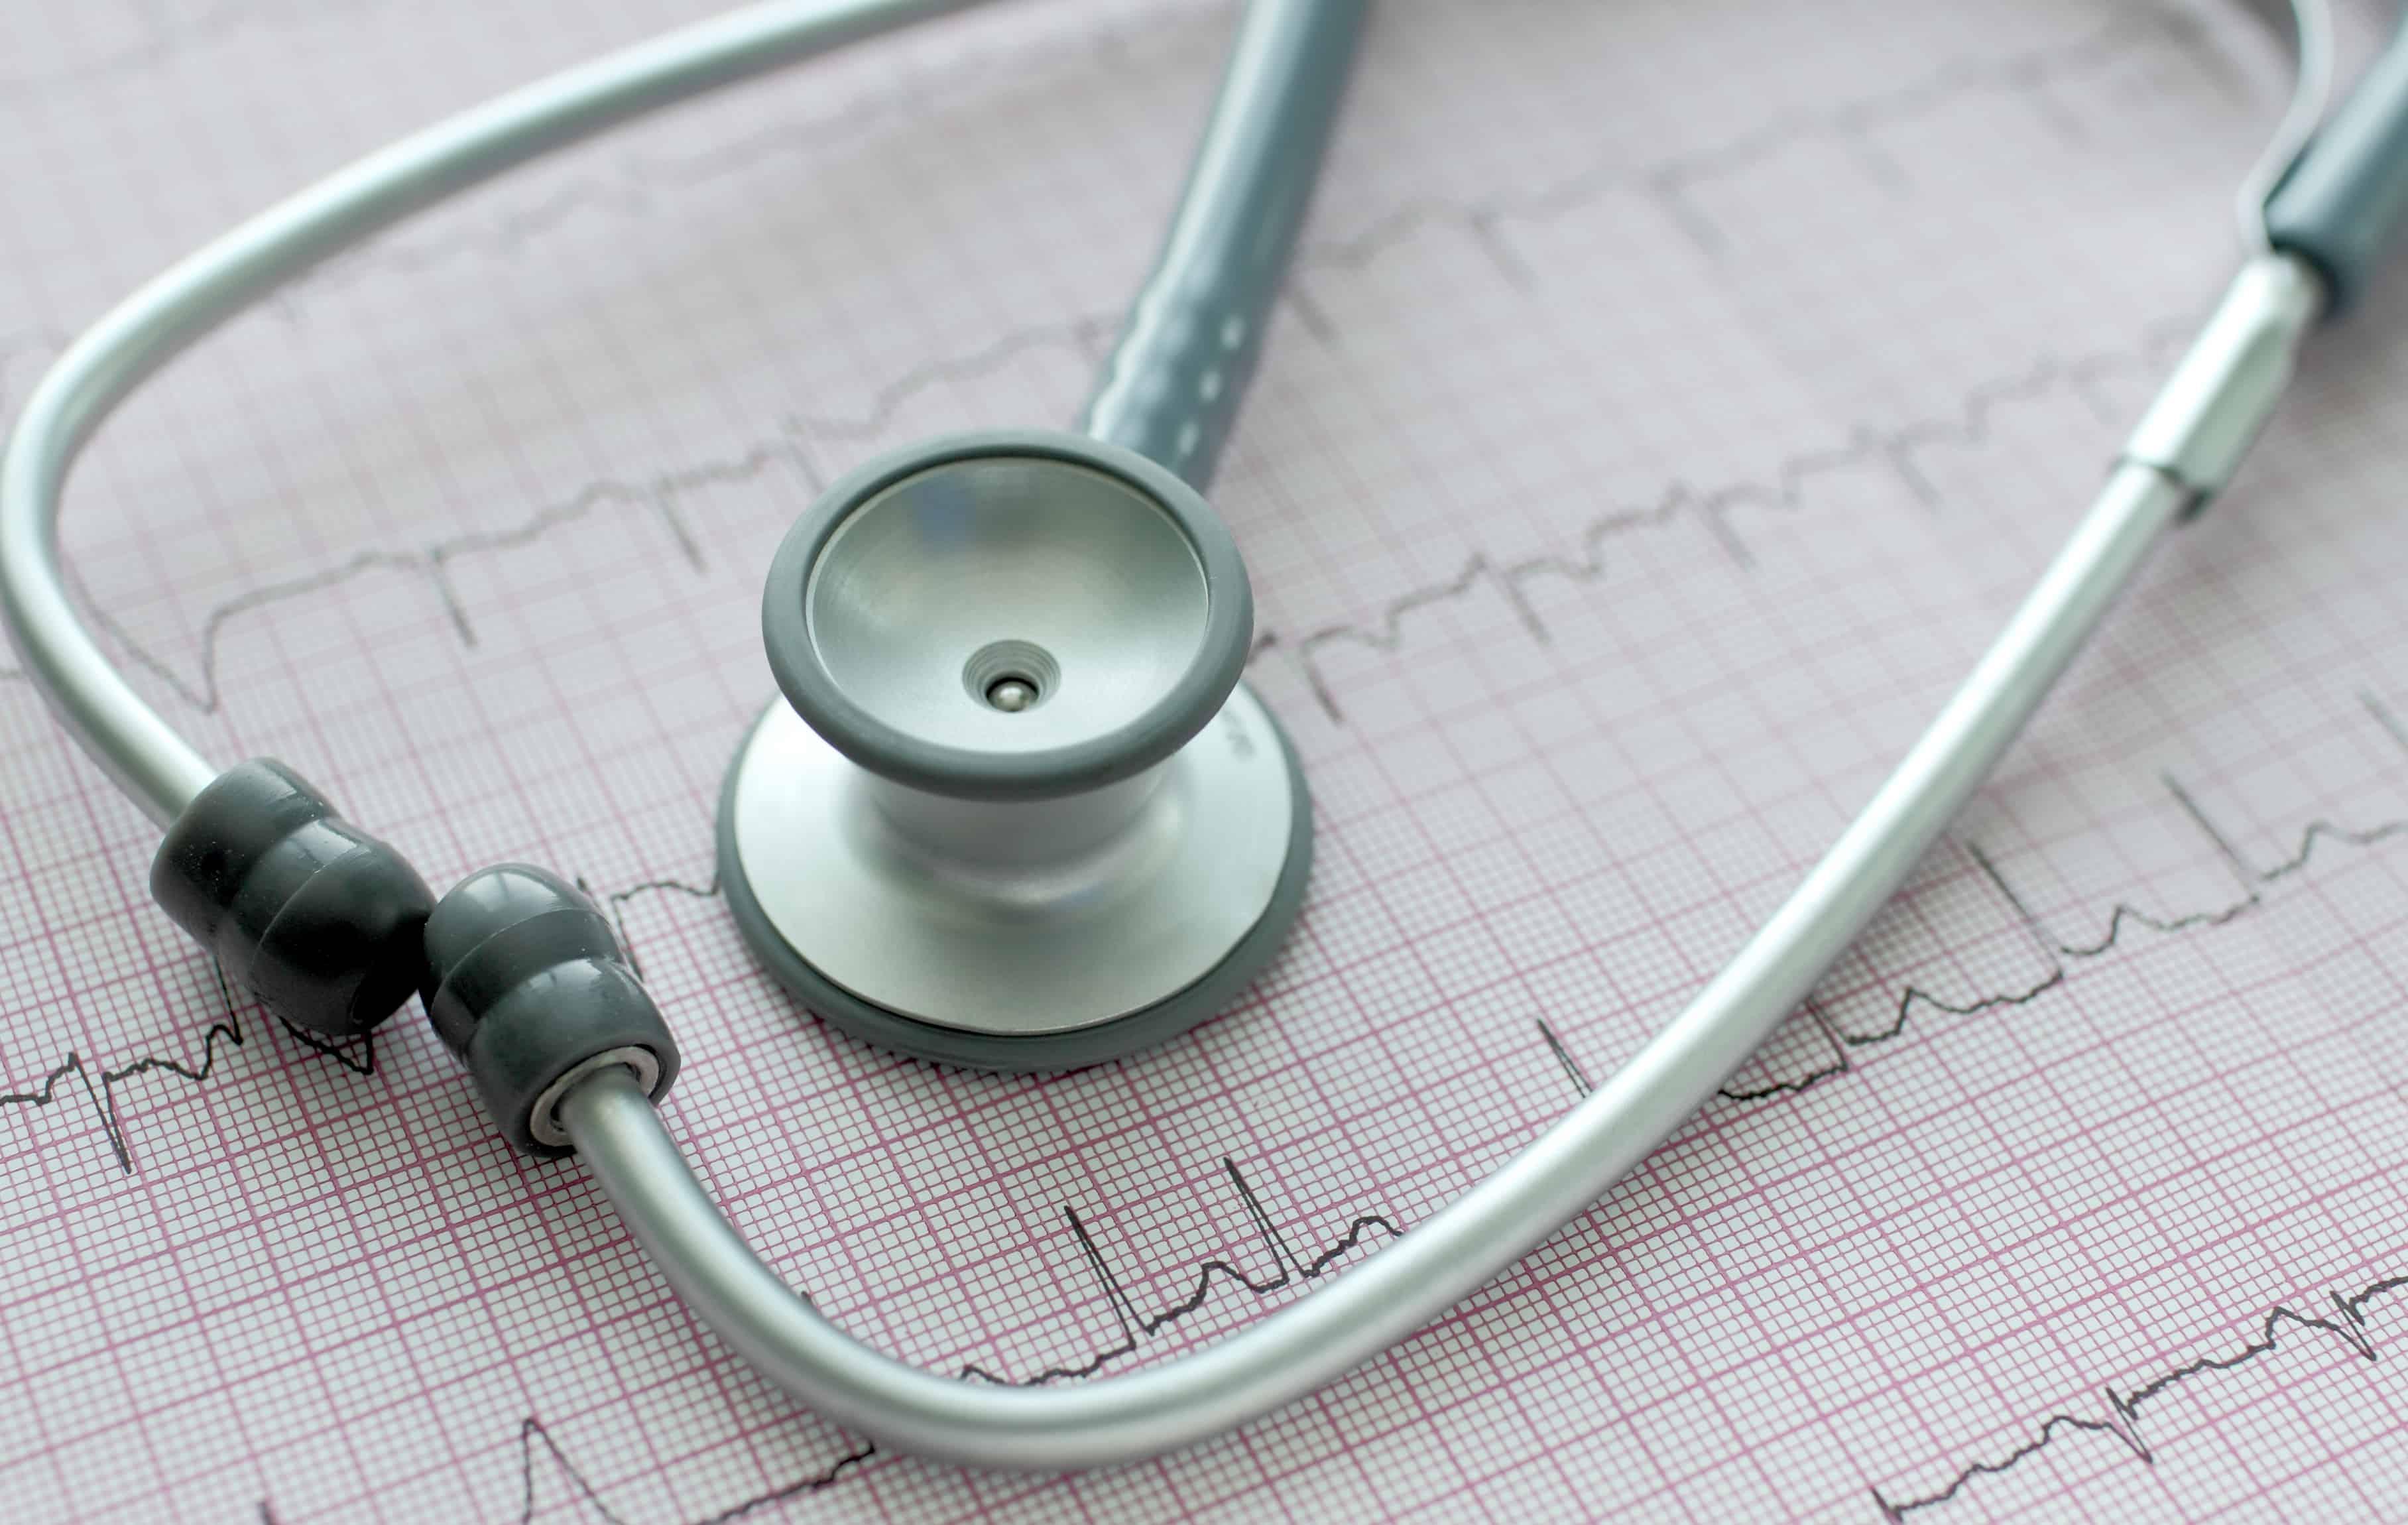 stethoscope on the ECG. Symbolic close-up photo